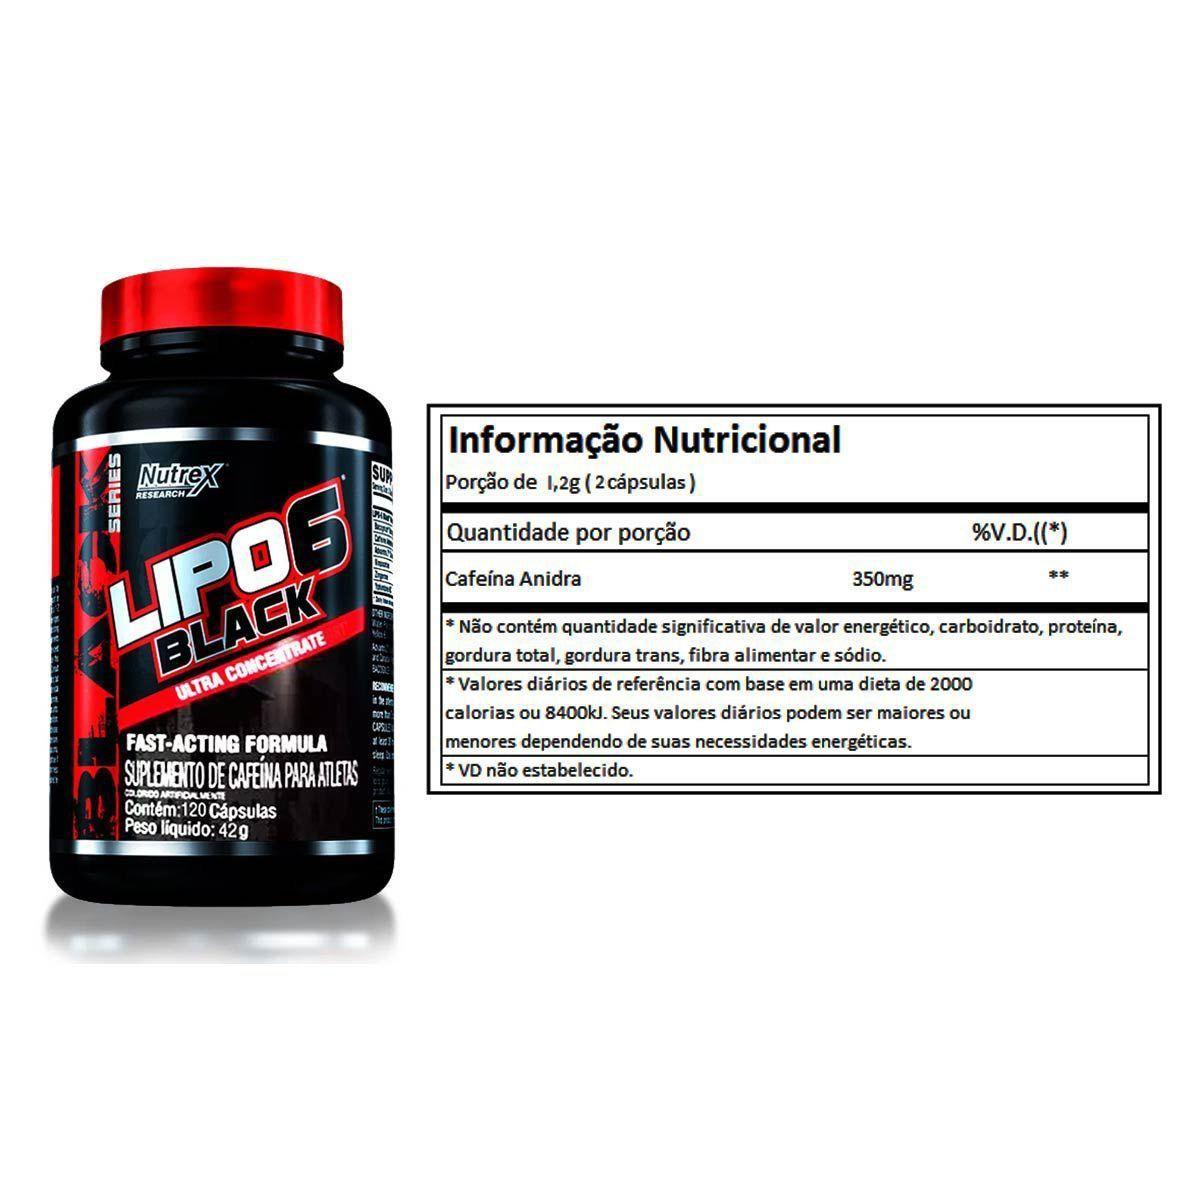 Lipo 6 Black Ultra Concentrado 120 Cápsulas Nutrex + Brindes